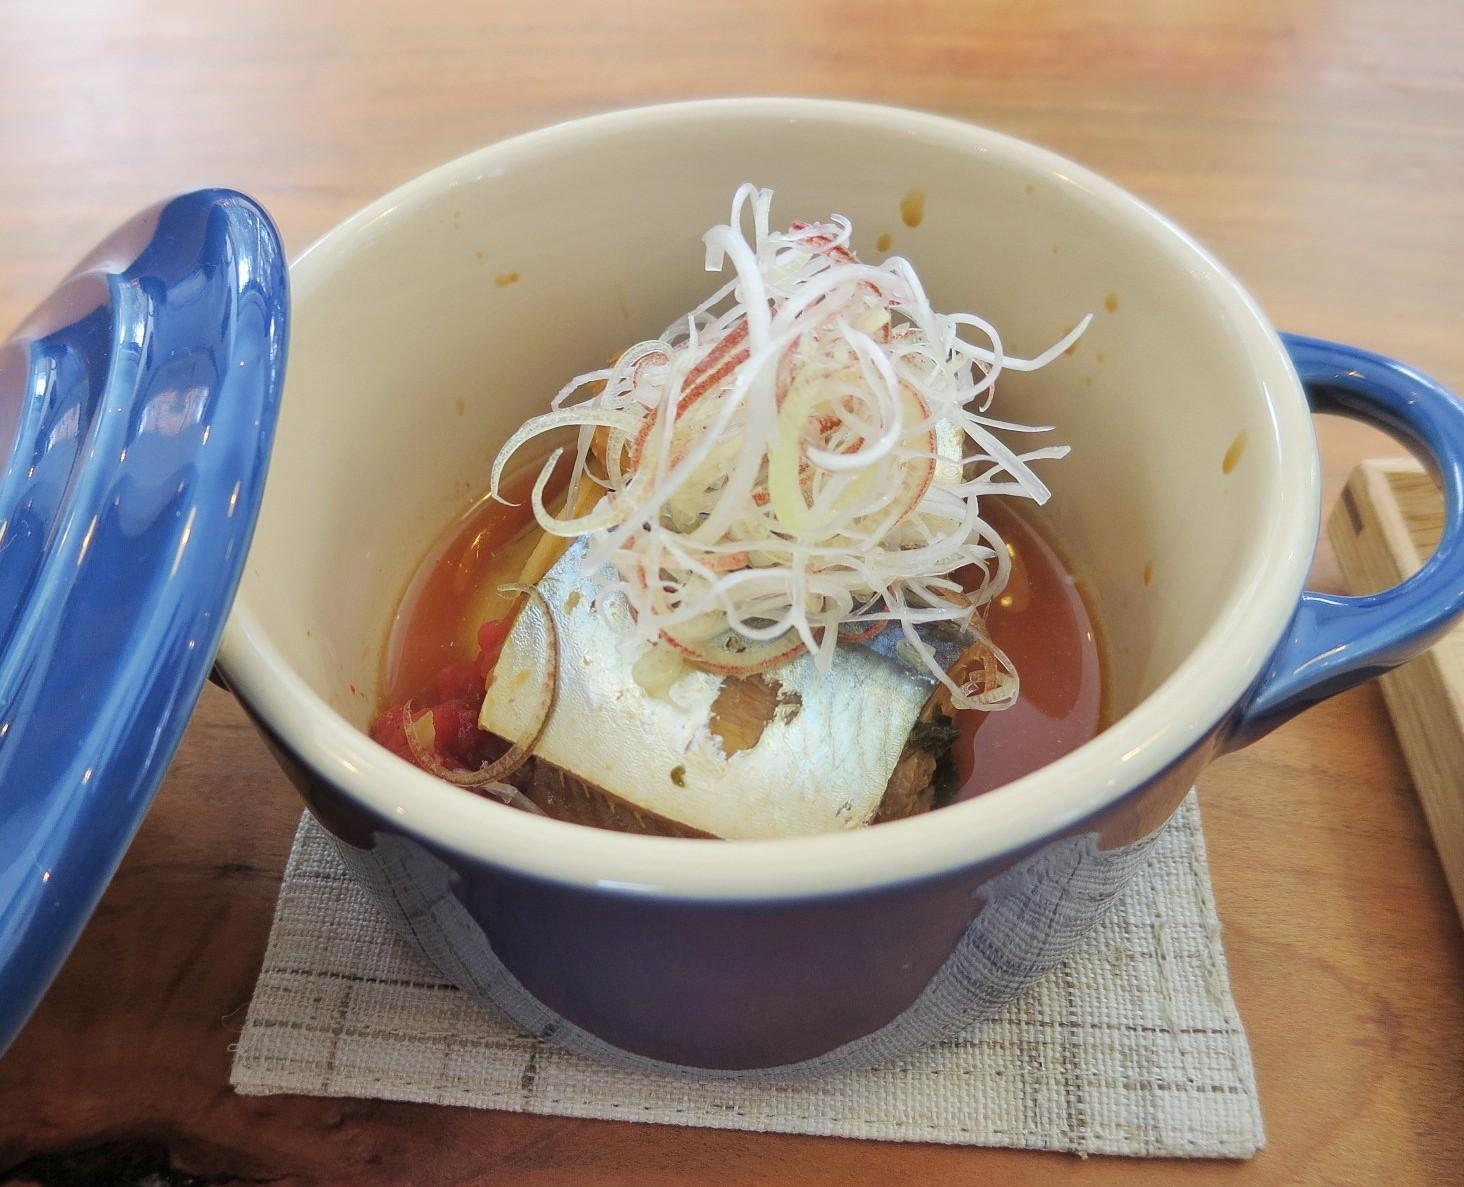 朝食&ブランチ☆食堂 takizawa NEW OPEN!@追分_f0236260_1933991.jpg